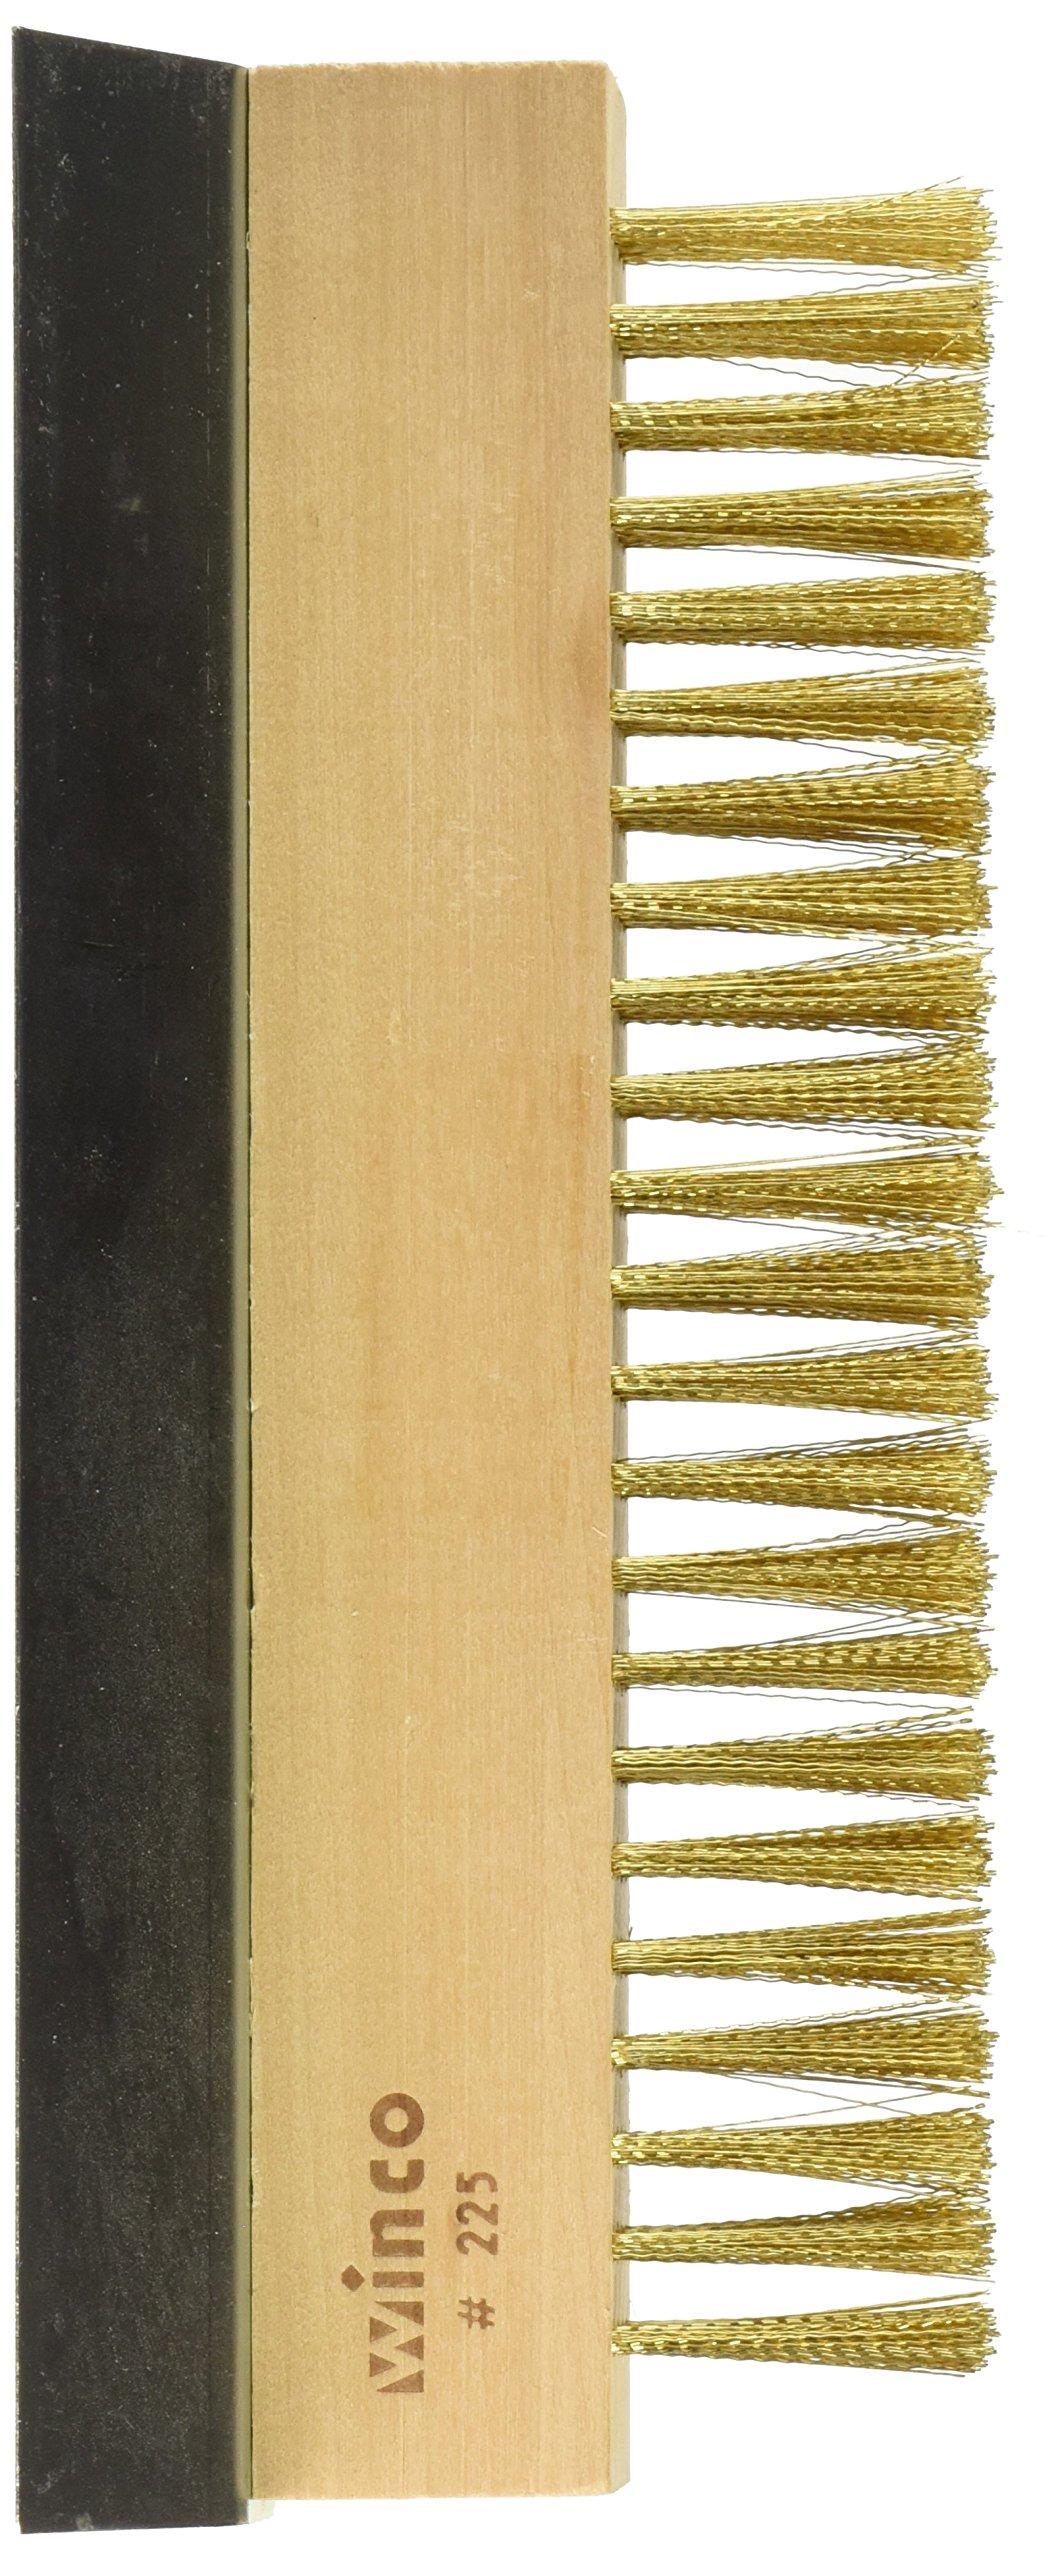 Winco BR-10 Brass Wire Oven Bristle Brush with Metal Scraper by Winco